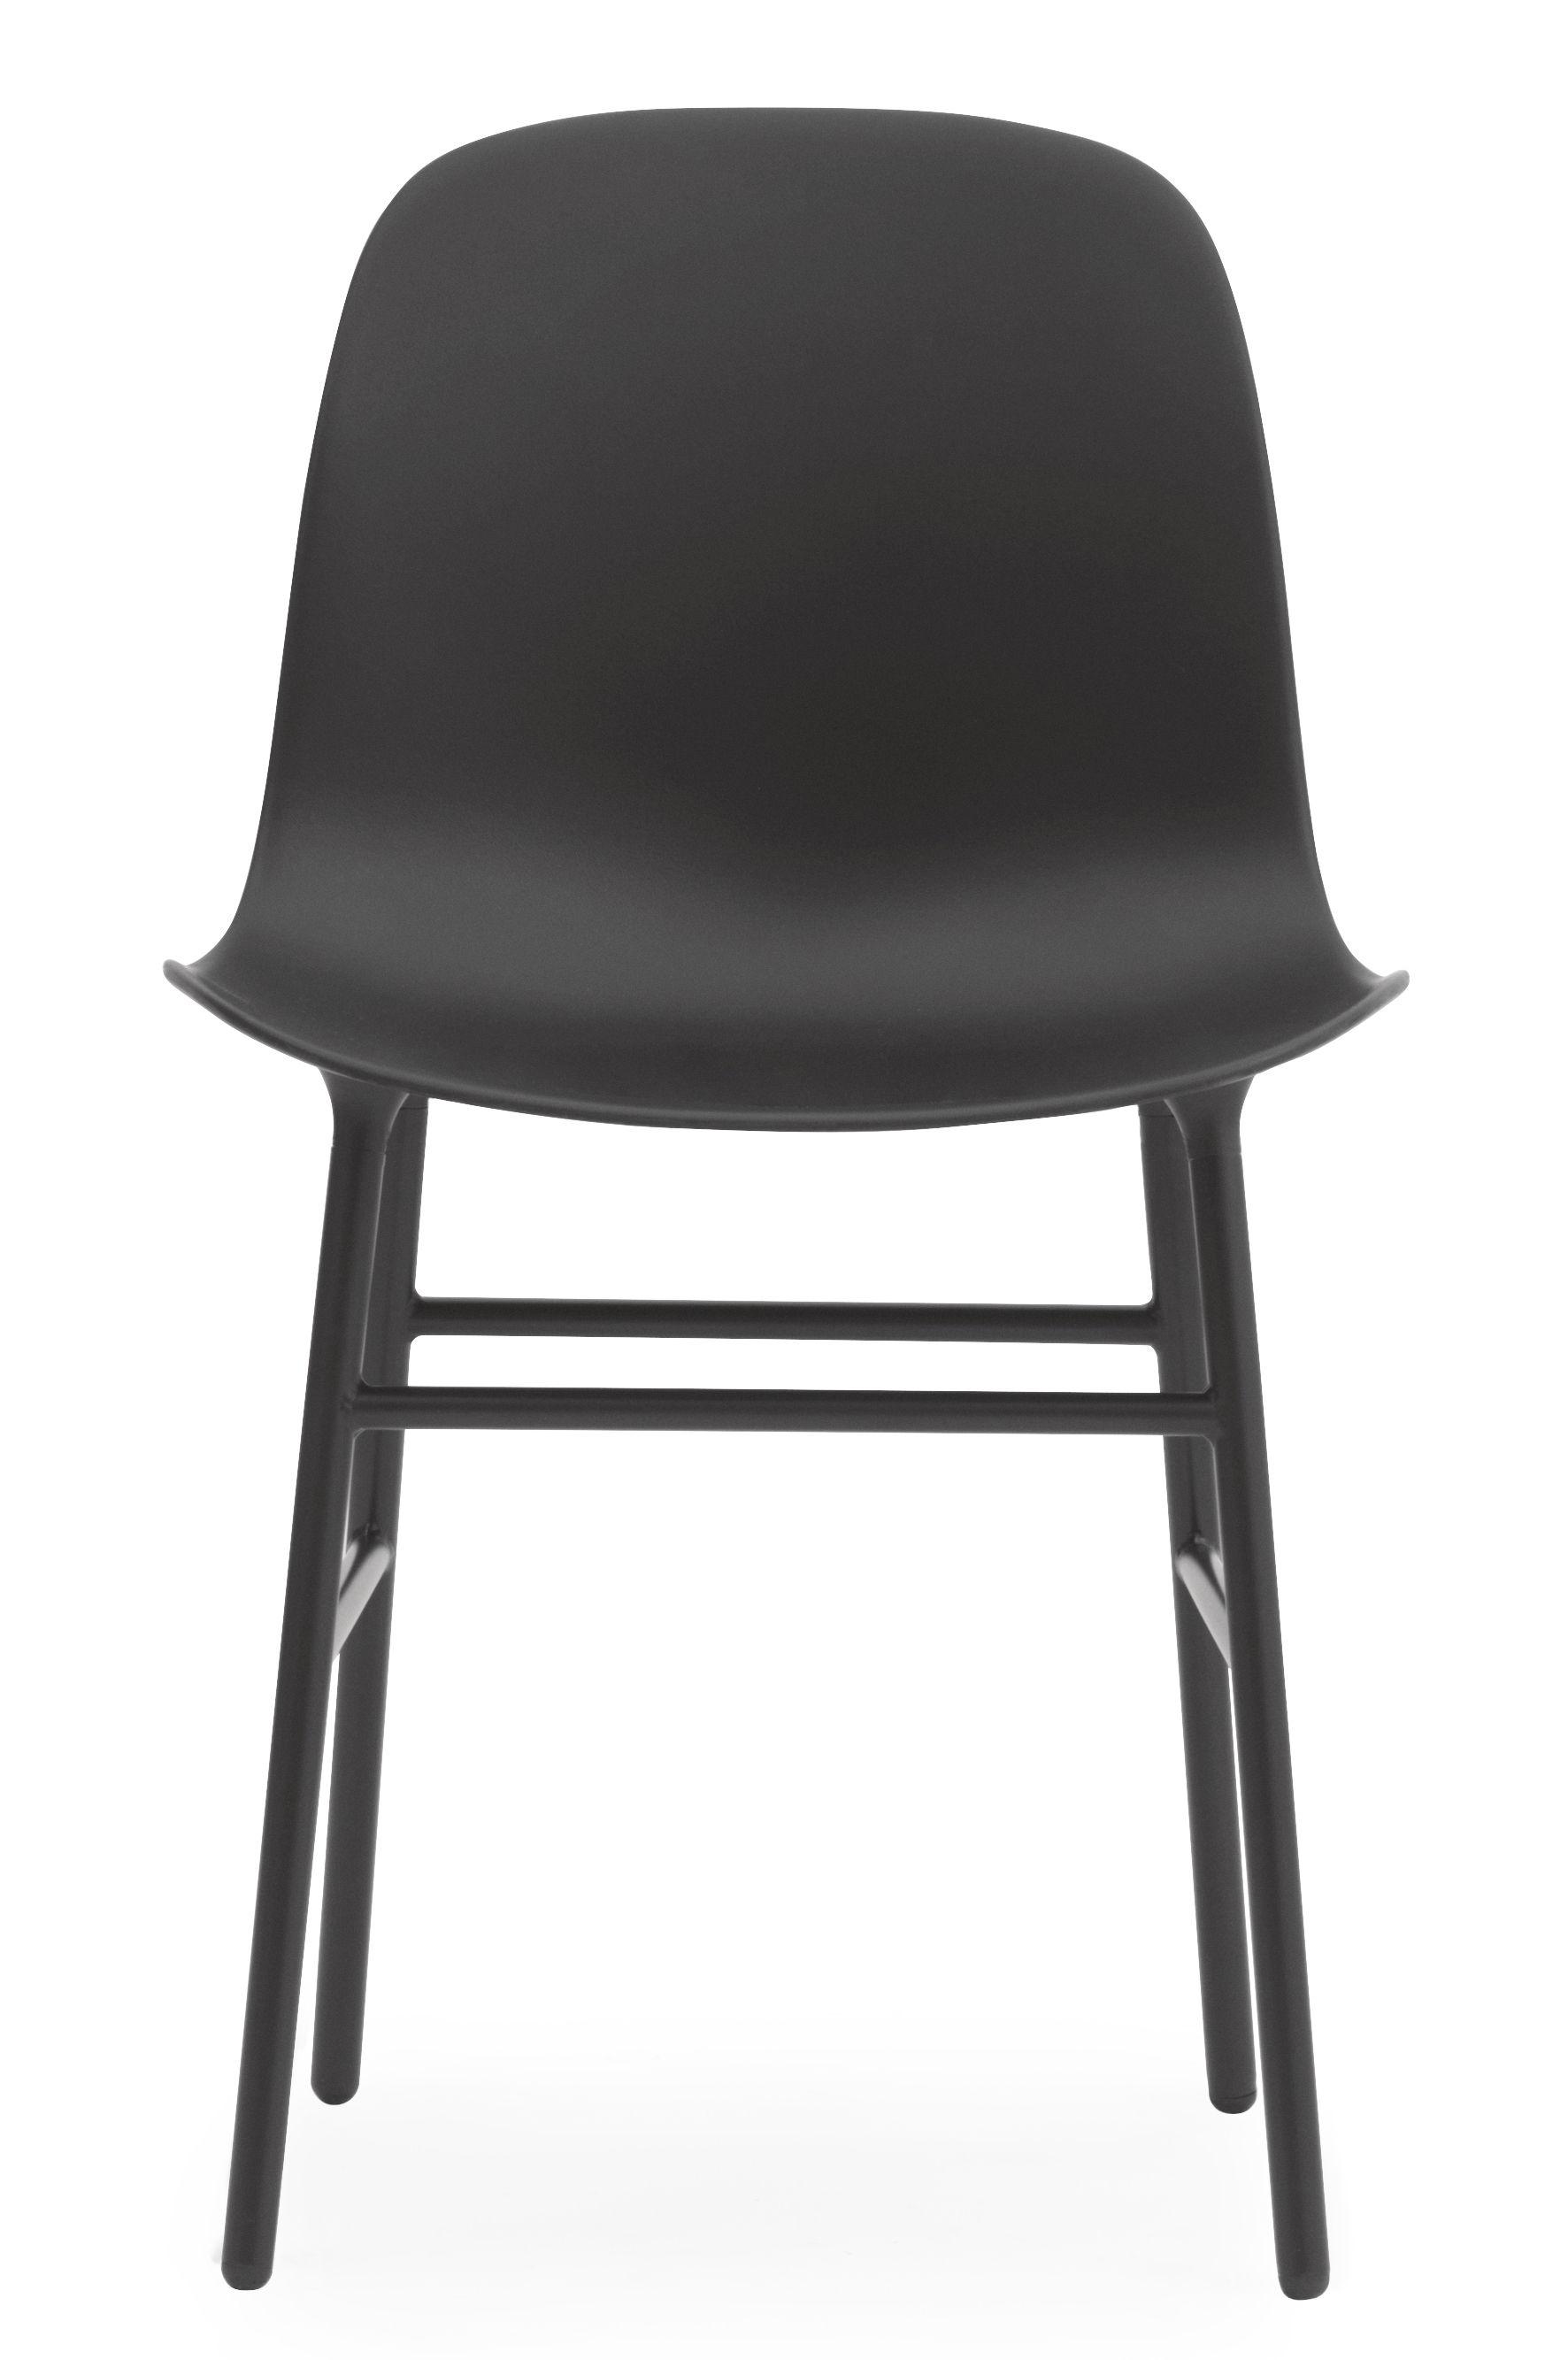 chaise form pied m tal noir normann copenhagen. Black Bedroom Furniture Sets. Home Design Ideas